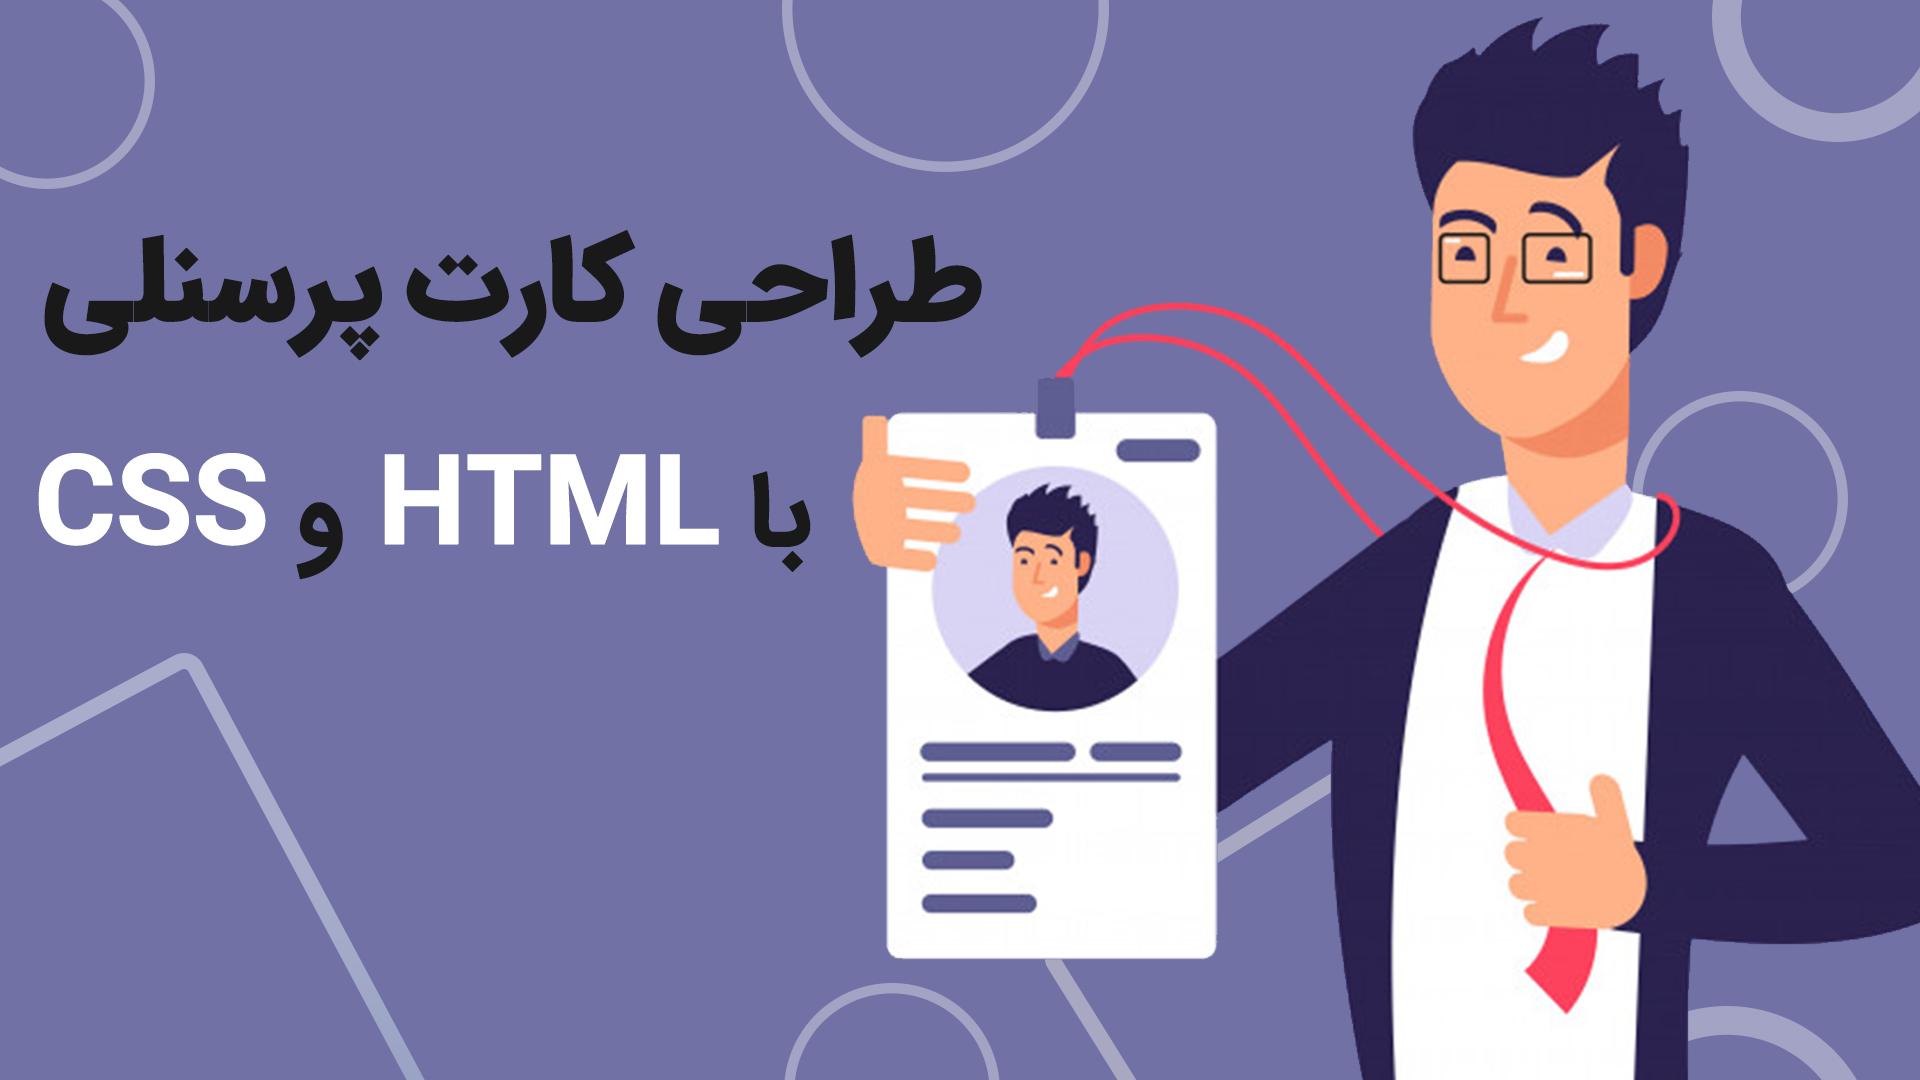 طراحی کارت پرسنلی با HTML و CSS